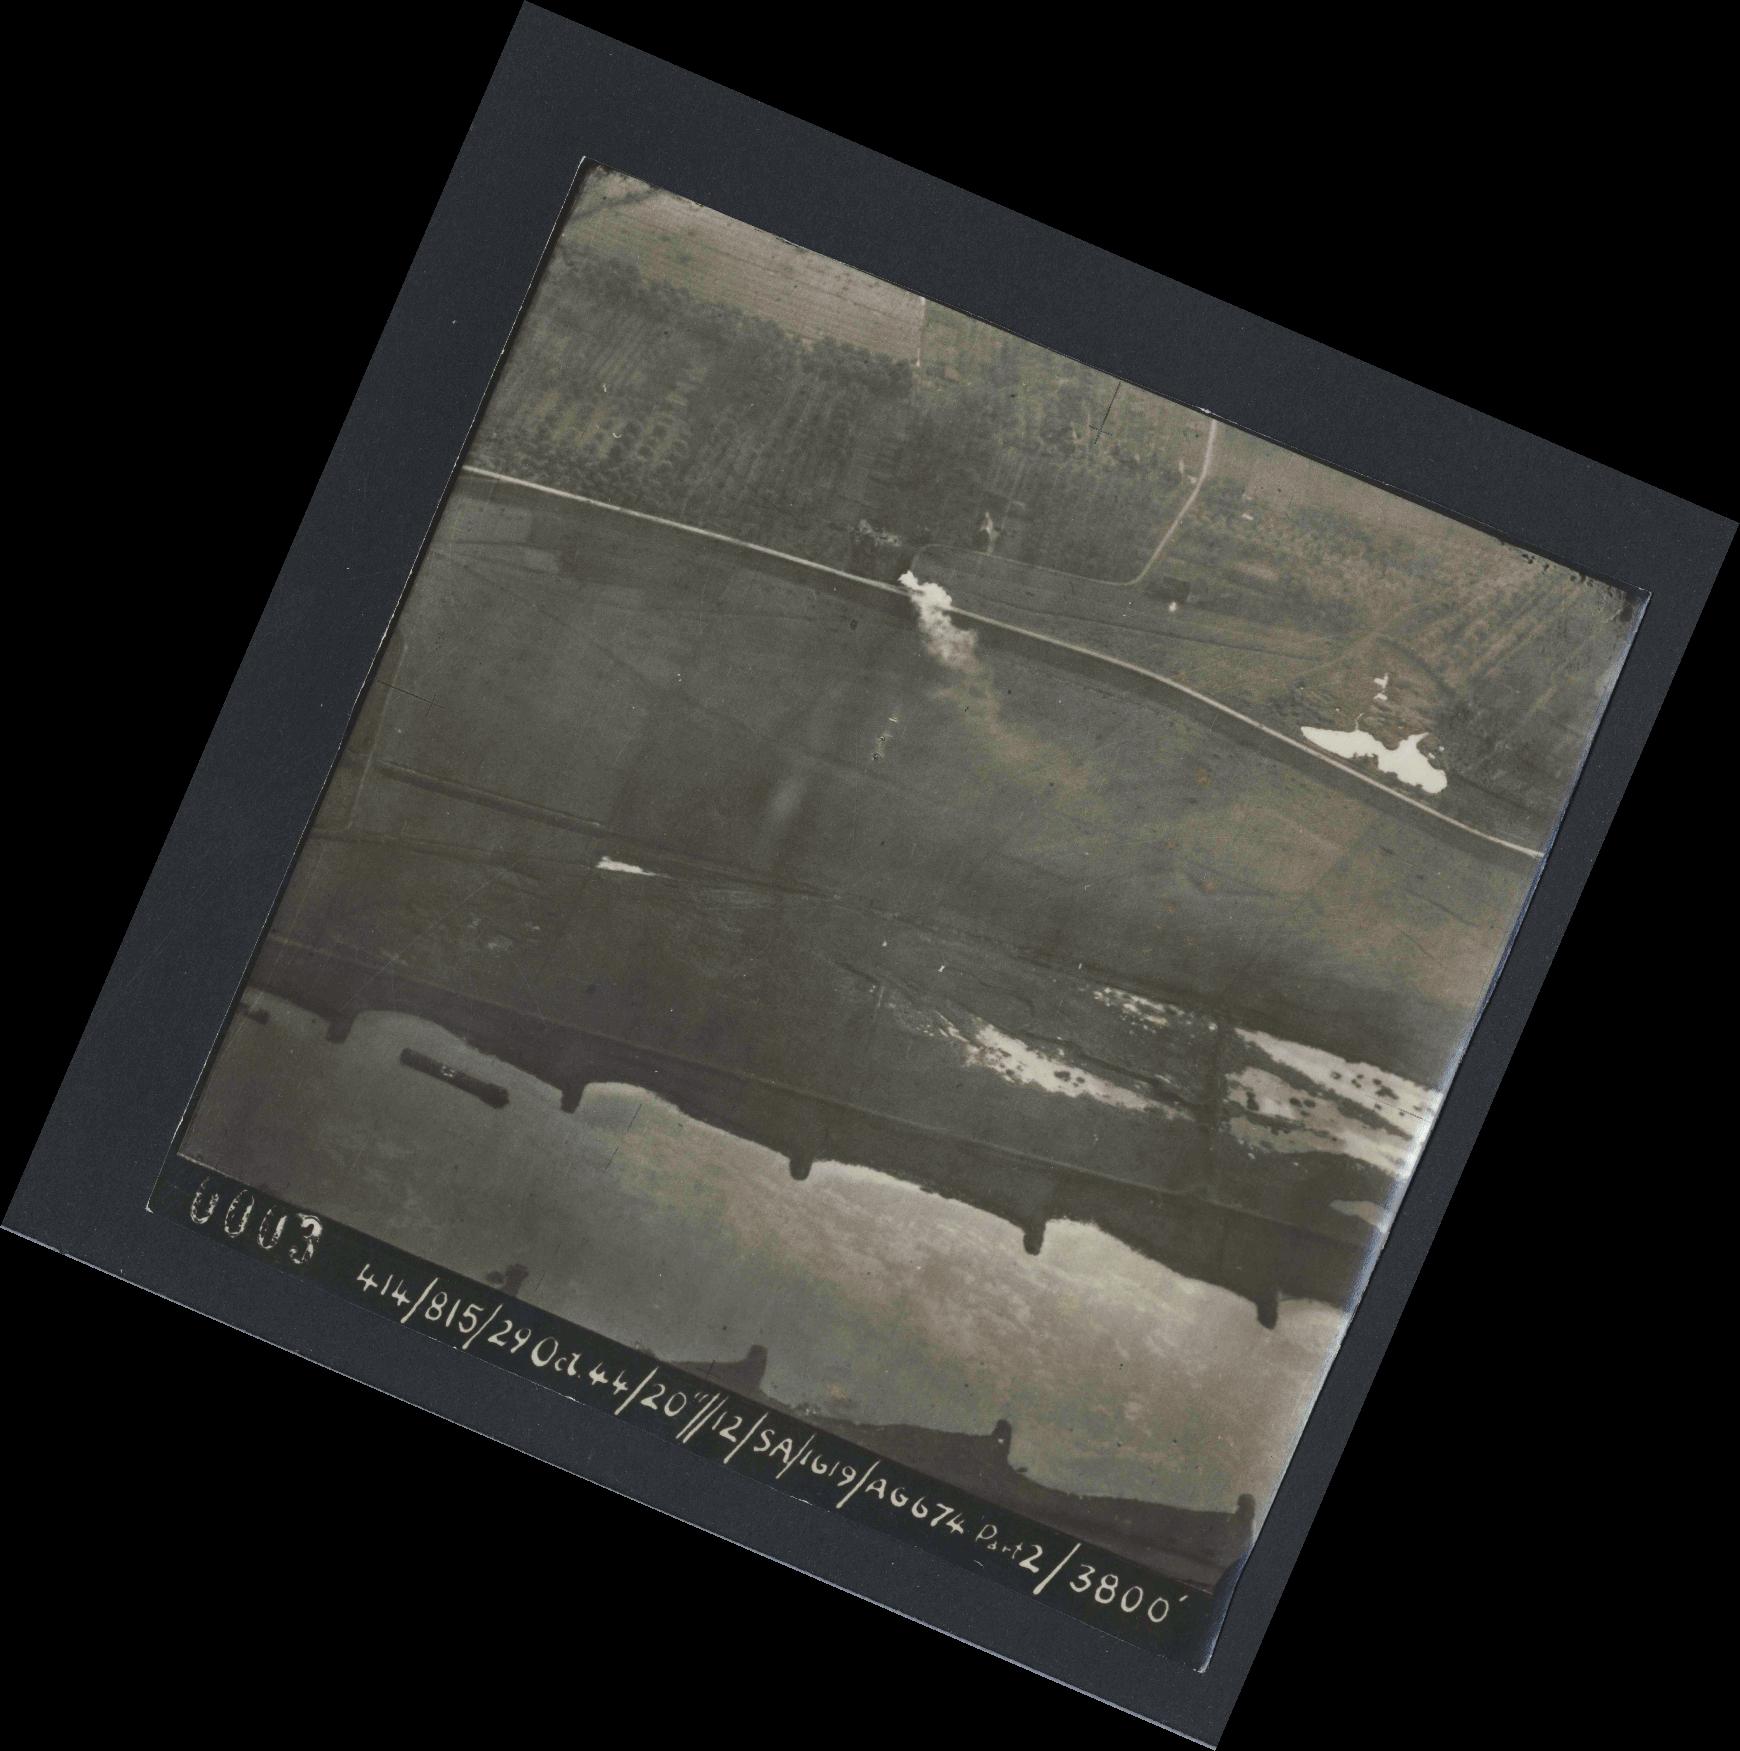 Collection RAF aerial photos 1940-1945 - flight 504, run 01, photo 0003